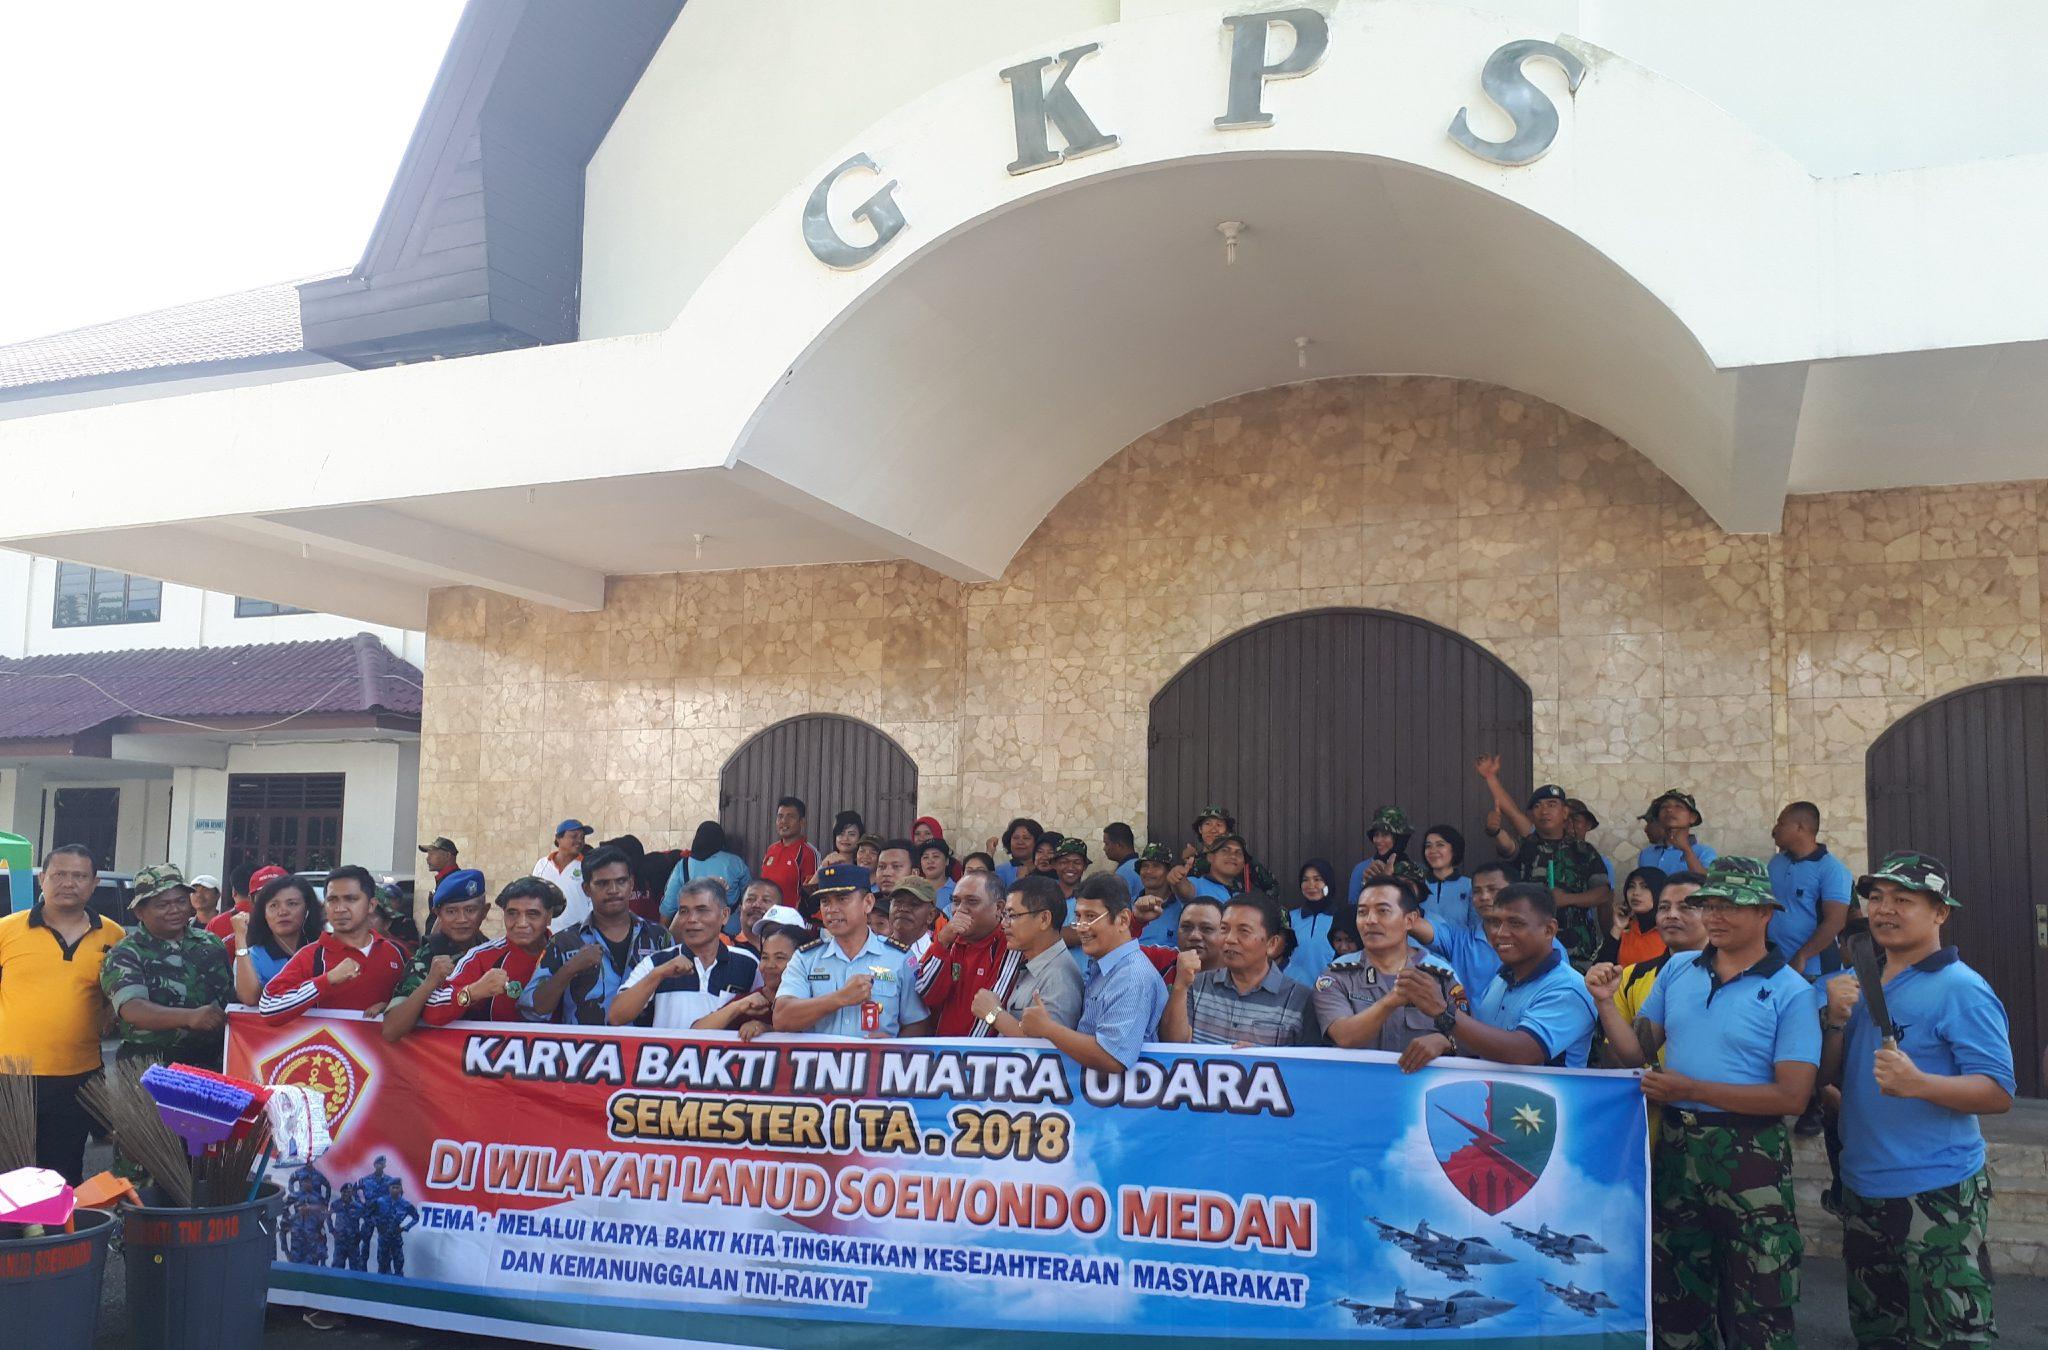 Karya Bakti TNI Matra Udara Di Lanud Soewondo